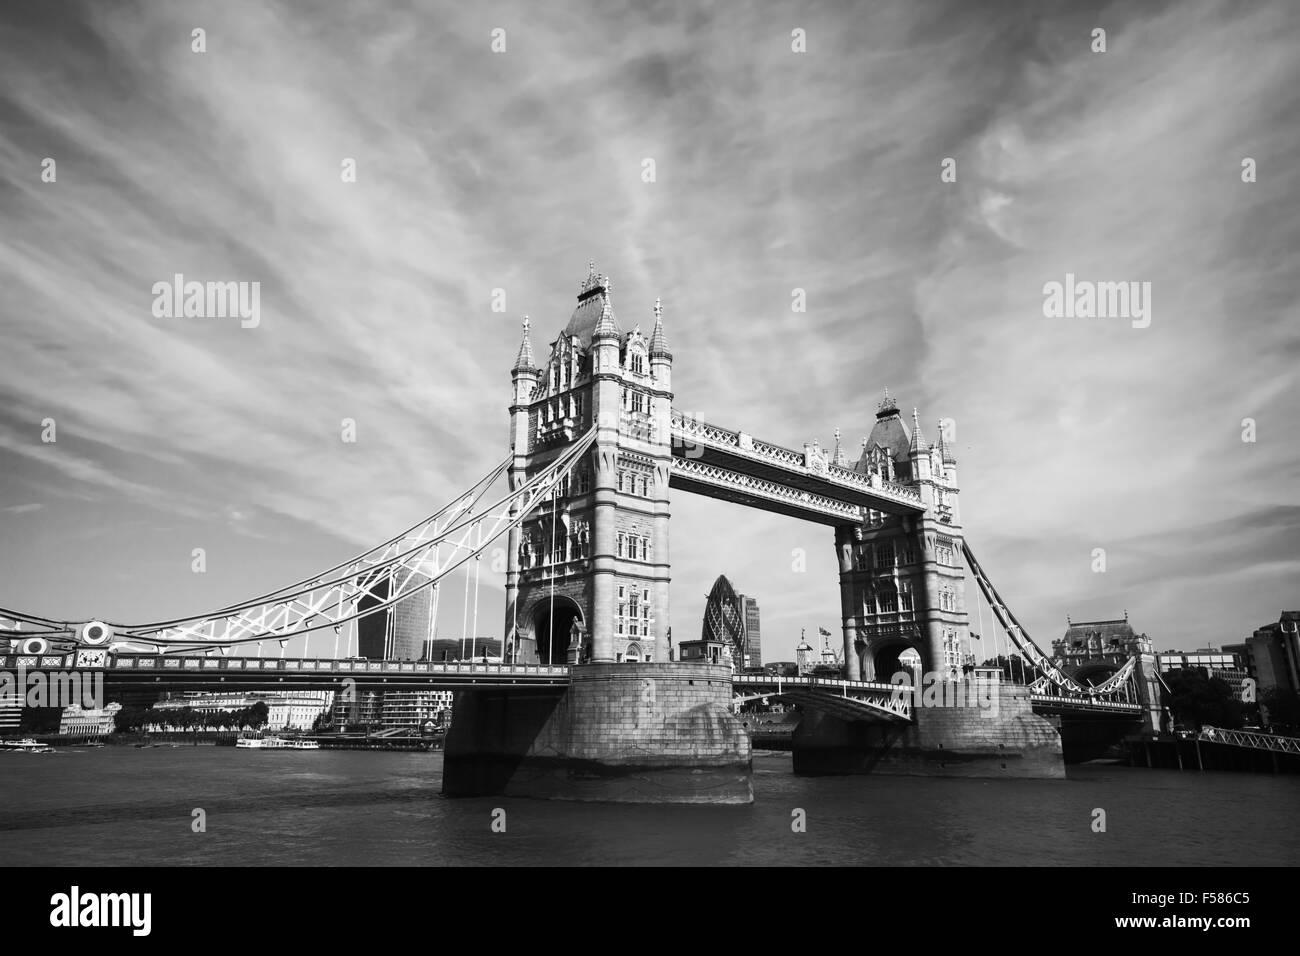 Visualizzazione monocromatica di Tower Bridge di Londra Immagini Stock